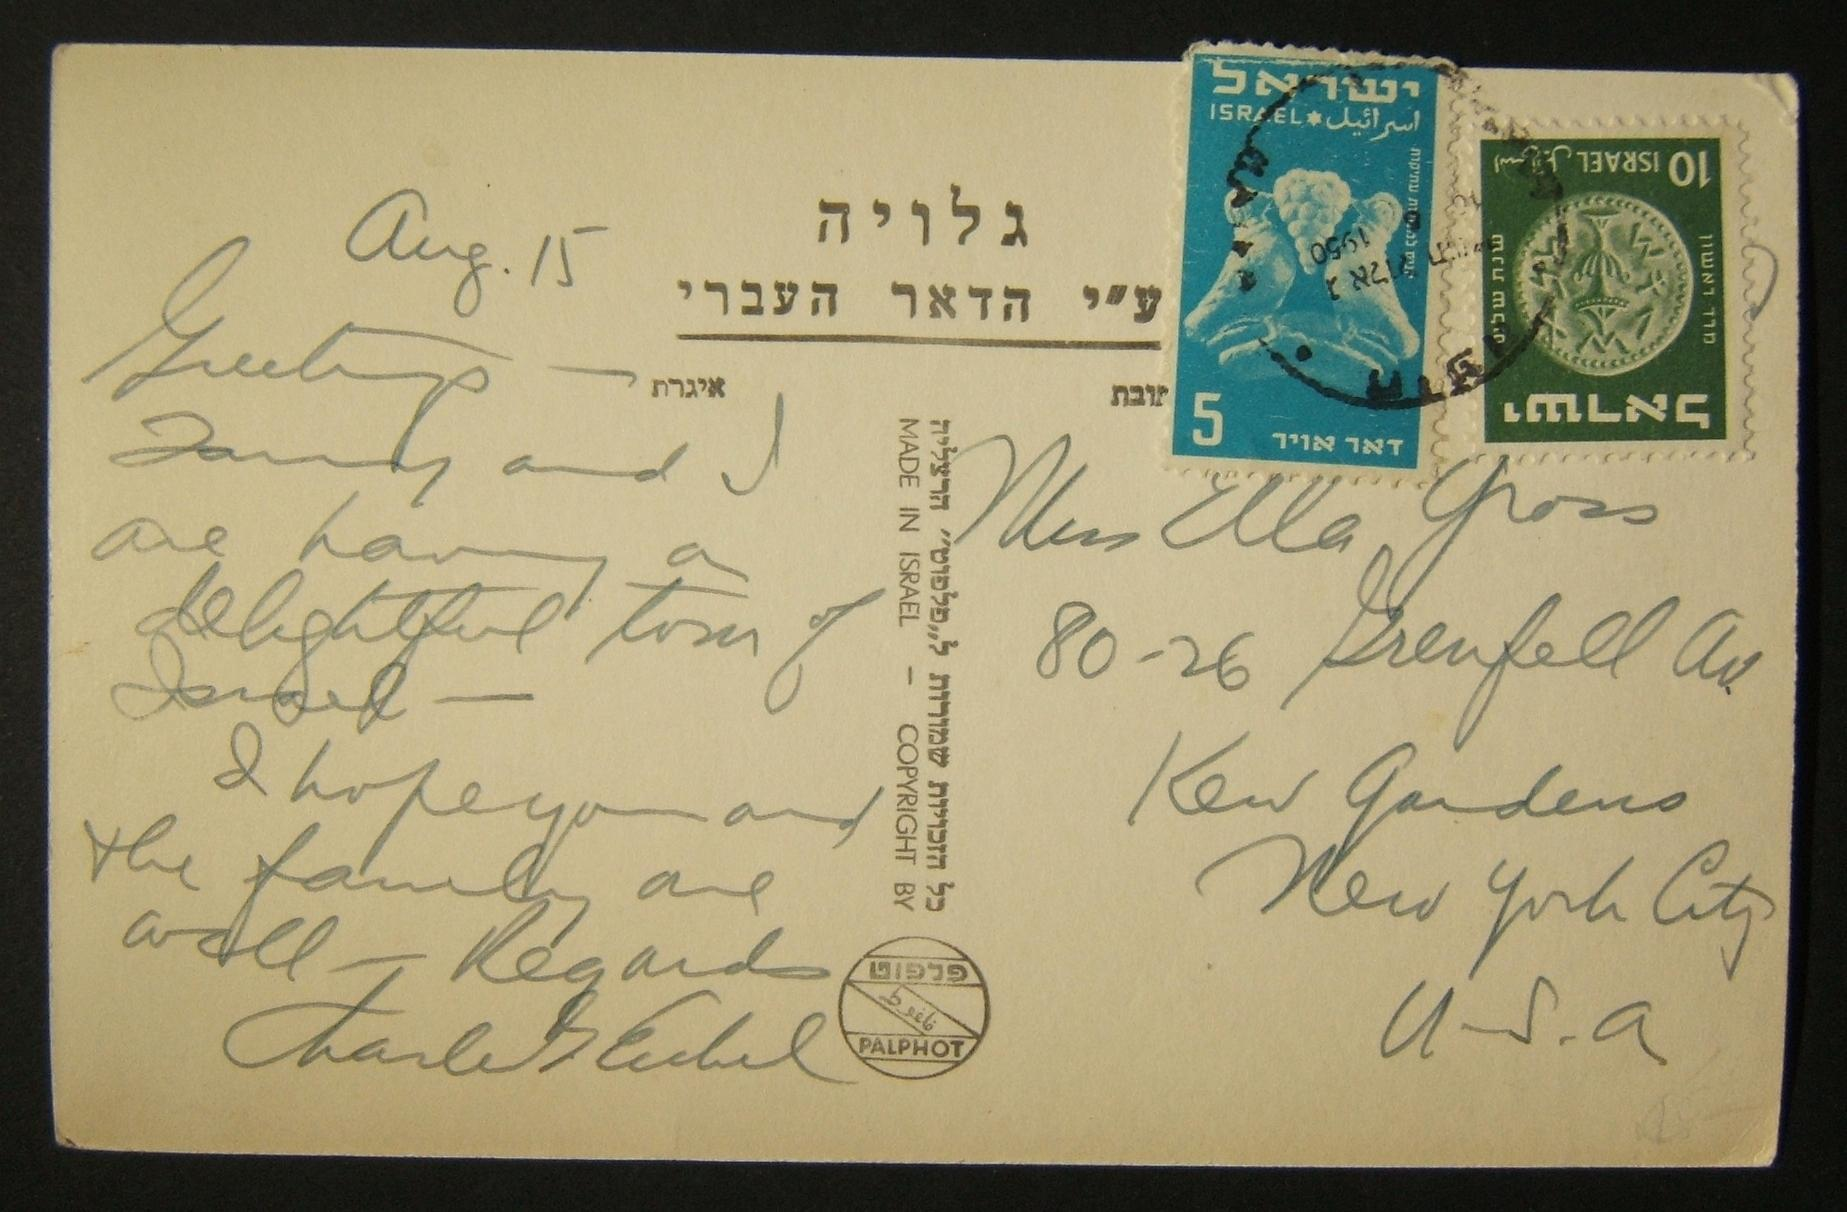 8/1950 طبعت بطاقة بريدية من هيفاء إلى الولايات المتحدة مع الطوابع البريدية الأولى / طوابع العملة الثانية